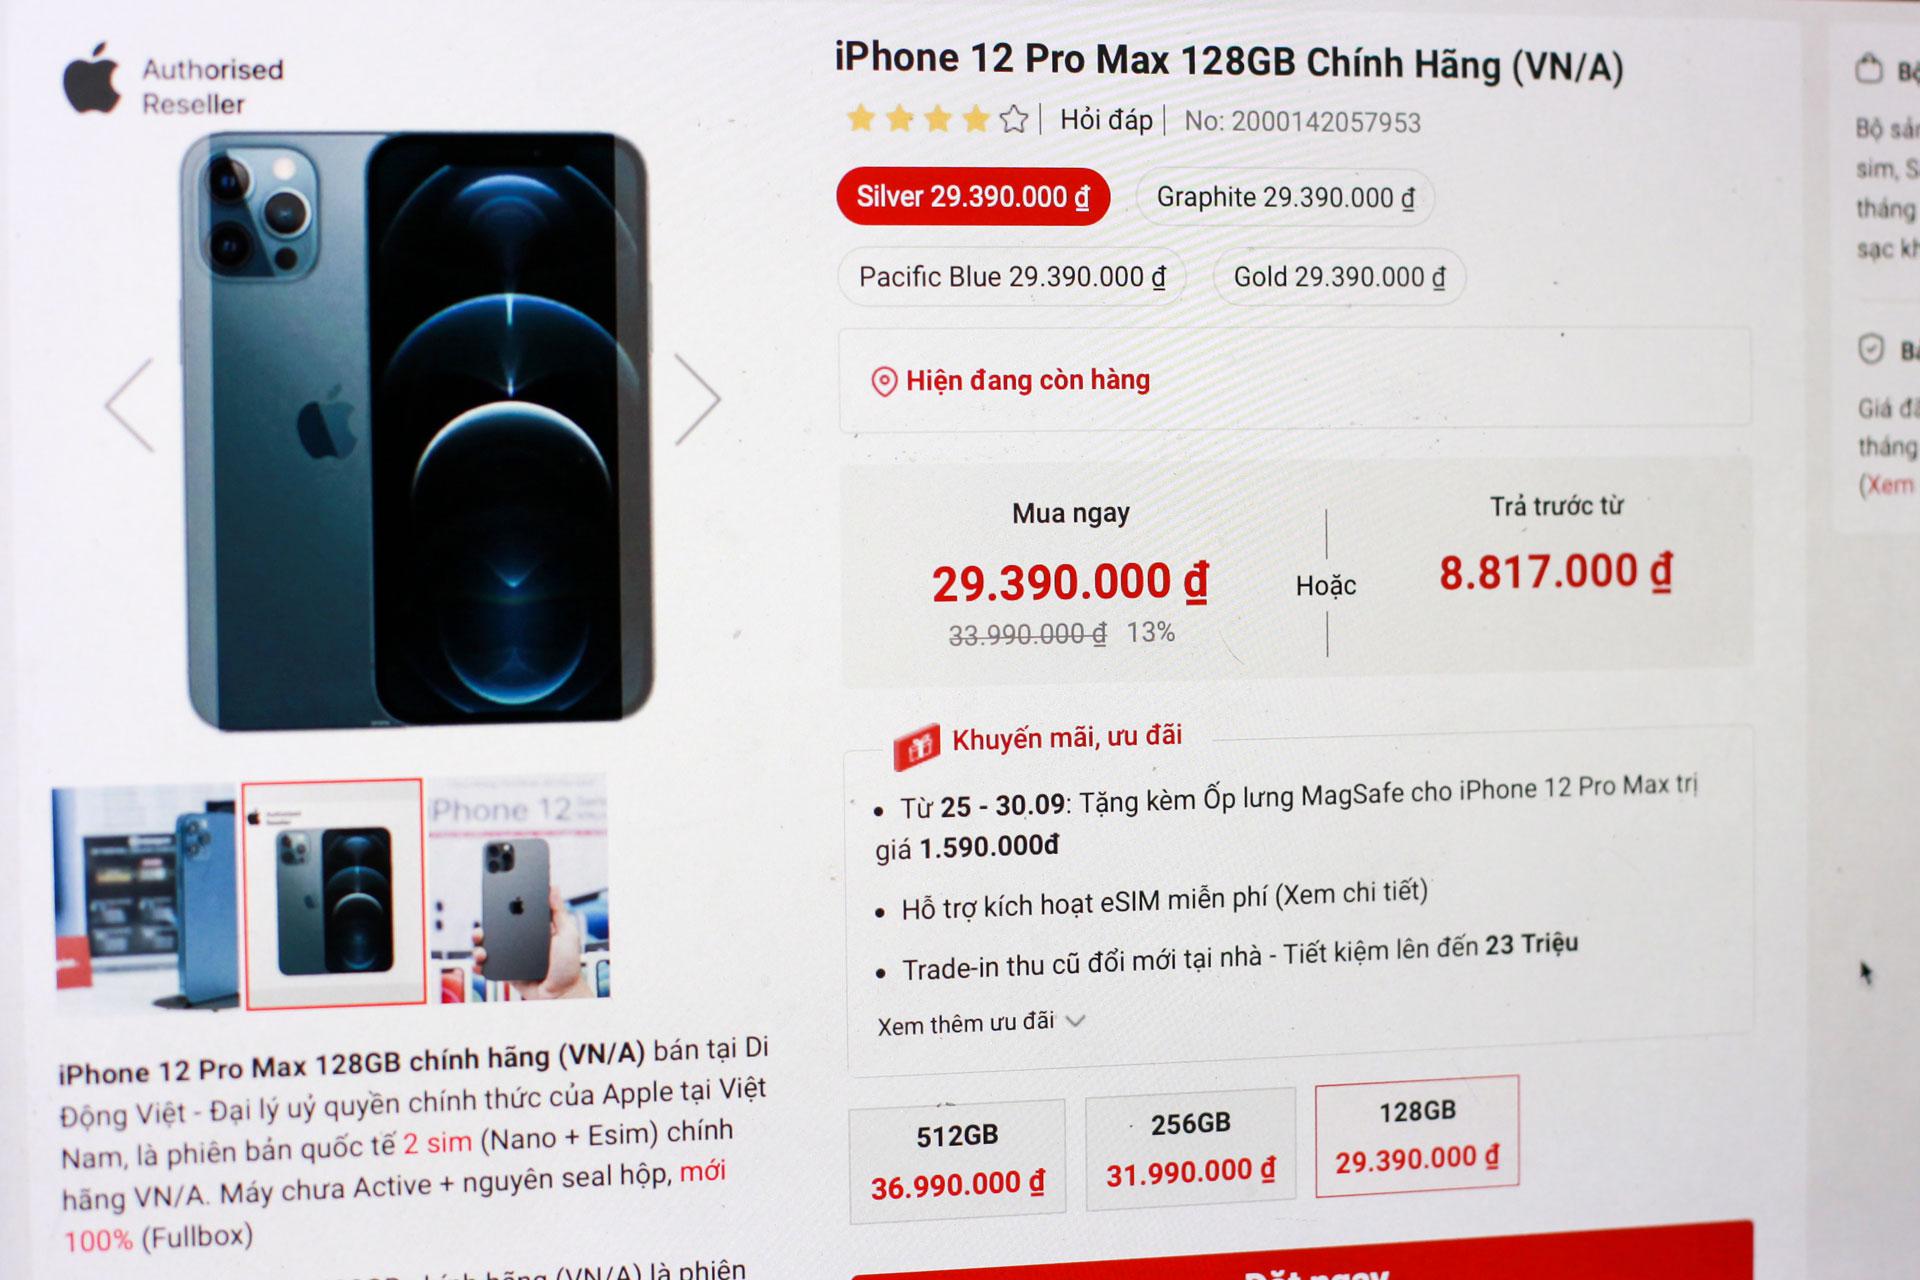 Cuối tháng 9, iPhone 12 Pro Max được các hệ thống phân phối chính hãng của Apple tại Việt Nam đồng loạt giảm giá.